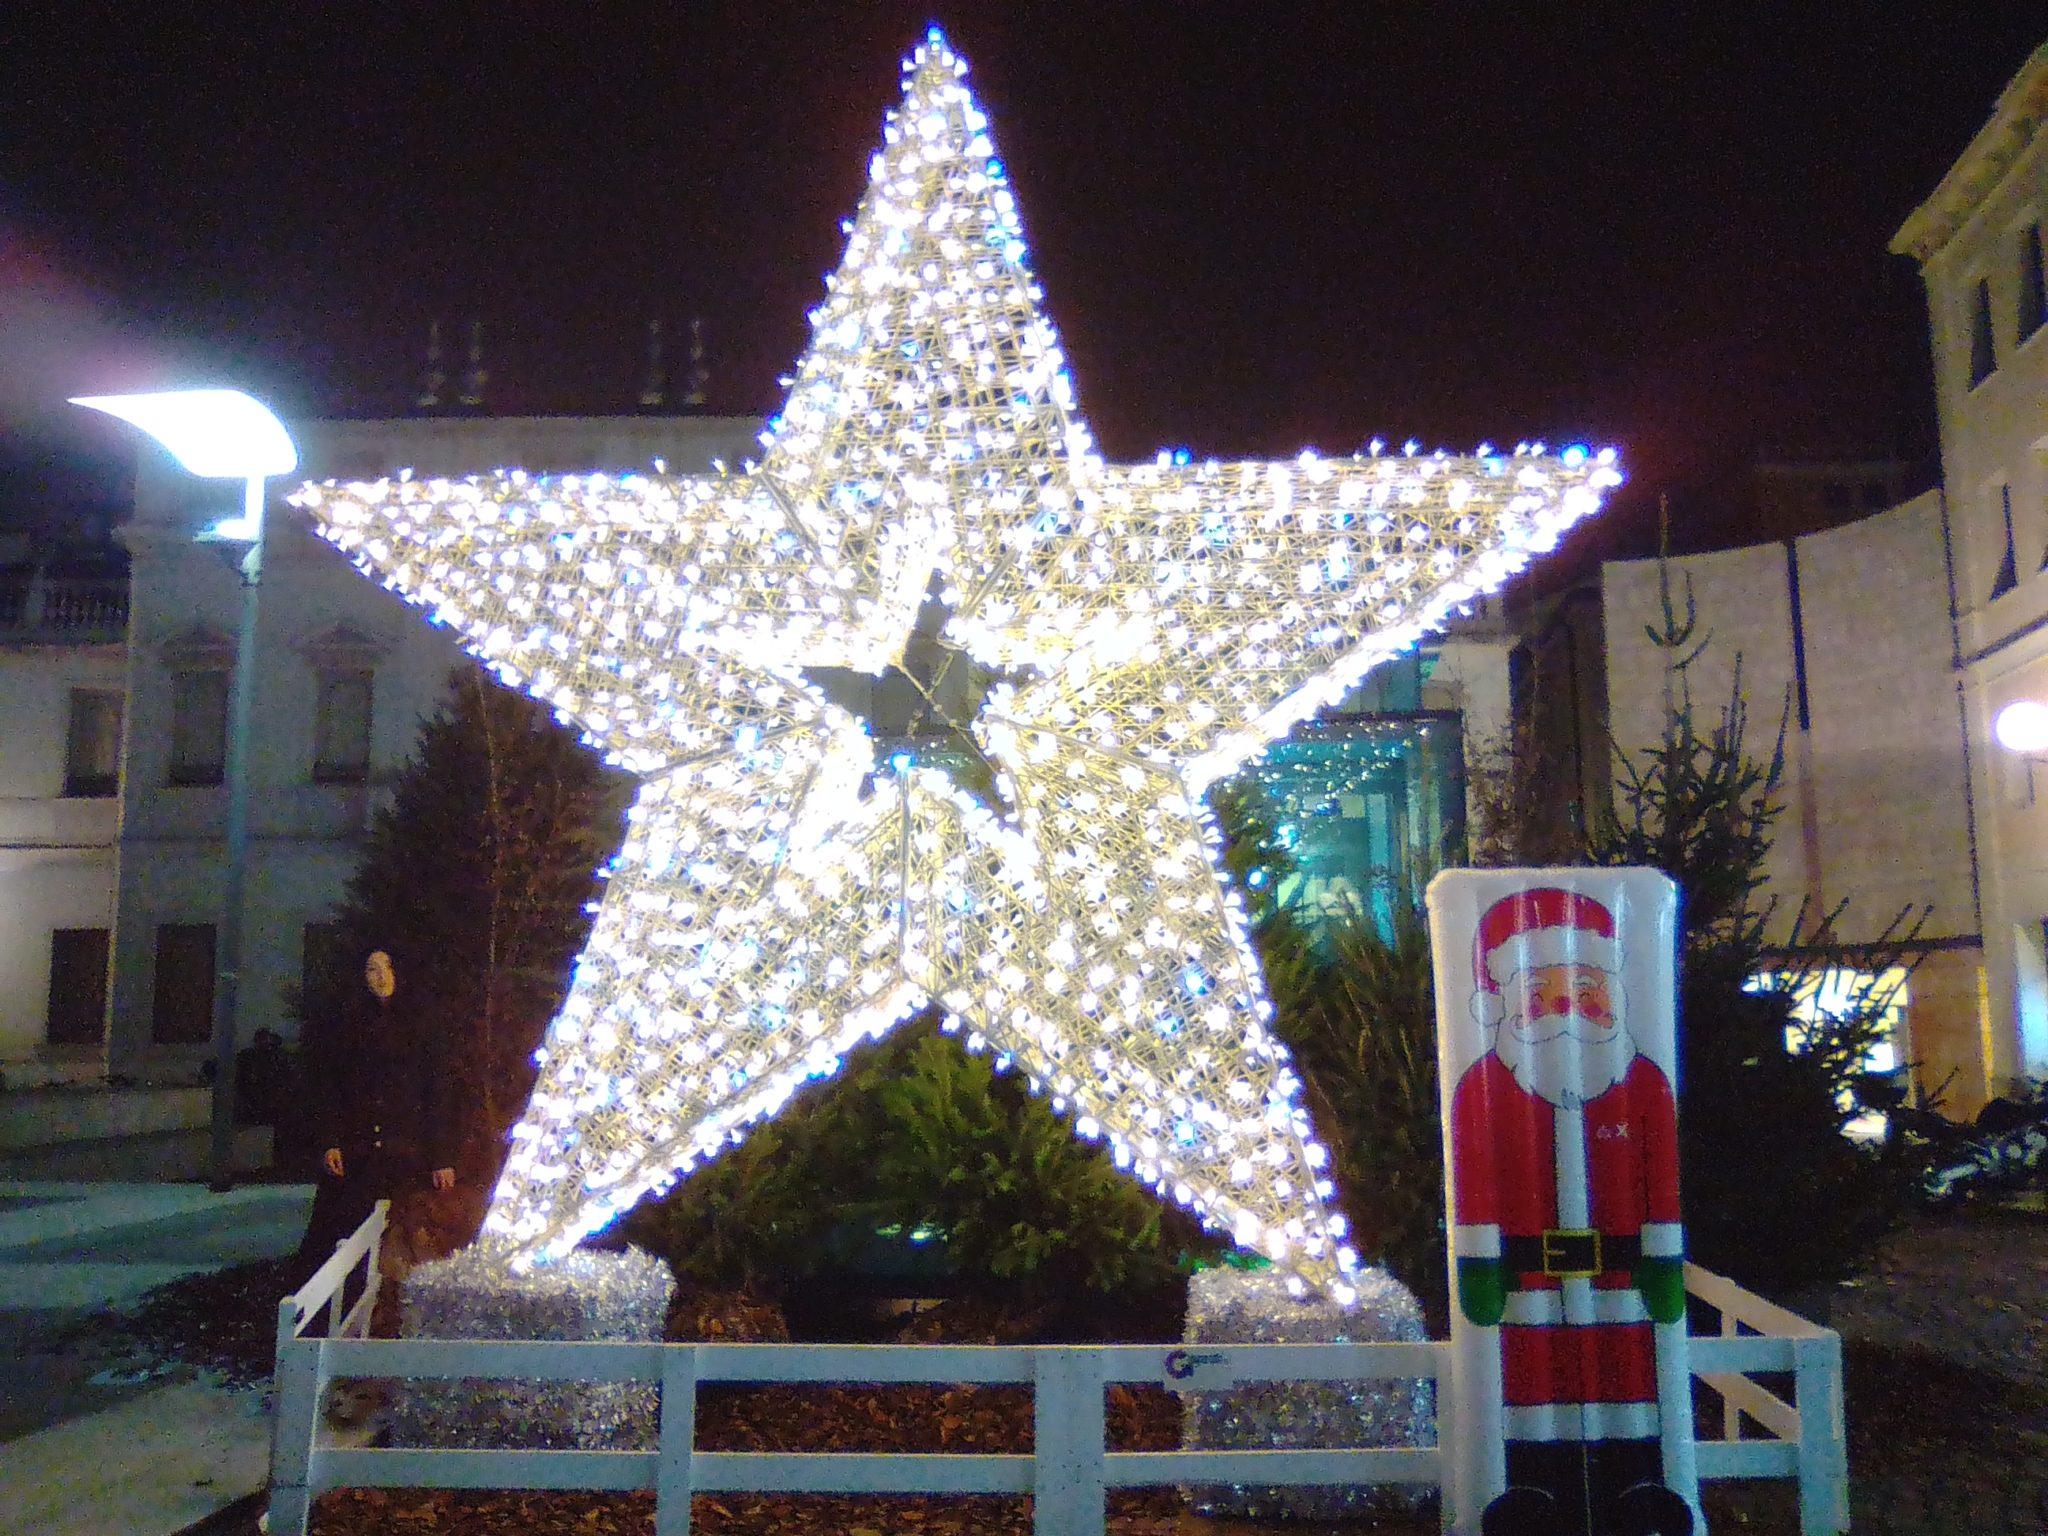 Prato della Valle, Palazzo Moroni e l'albero di Natale di fronte a palazzo del Bo. Passeggiata fra le luci di Natale della città